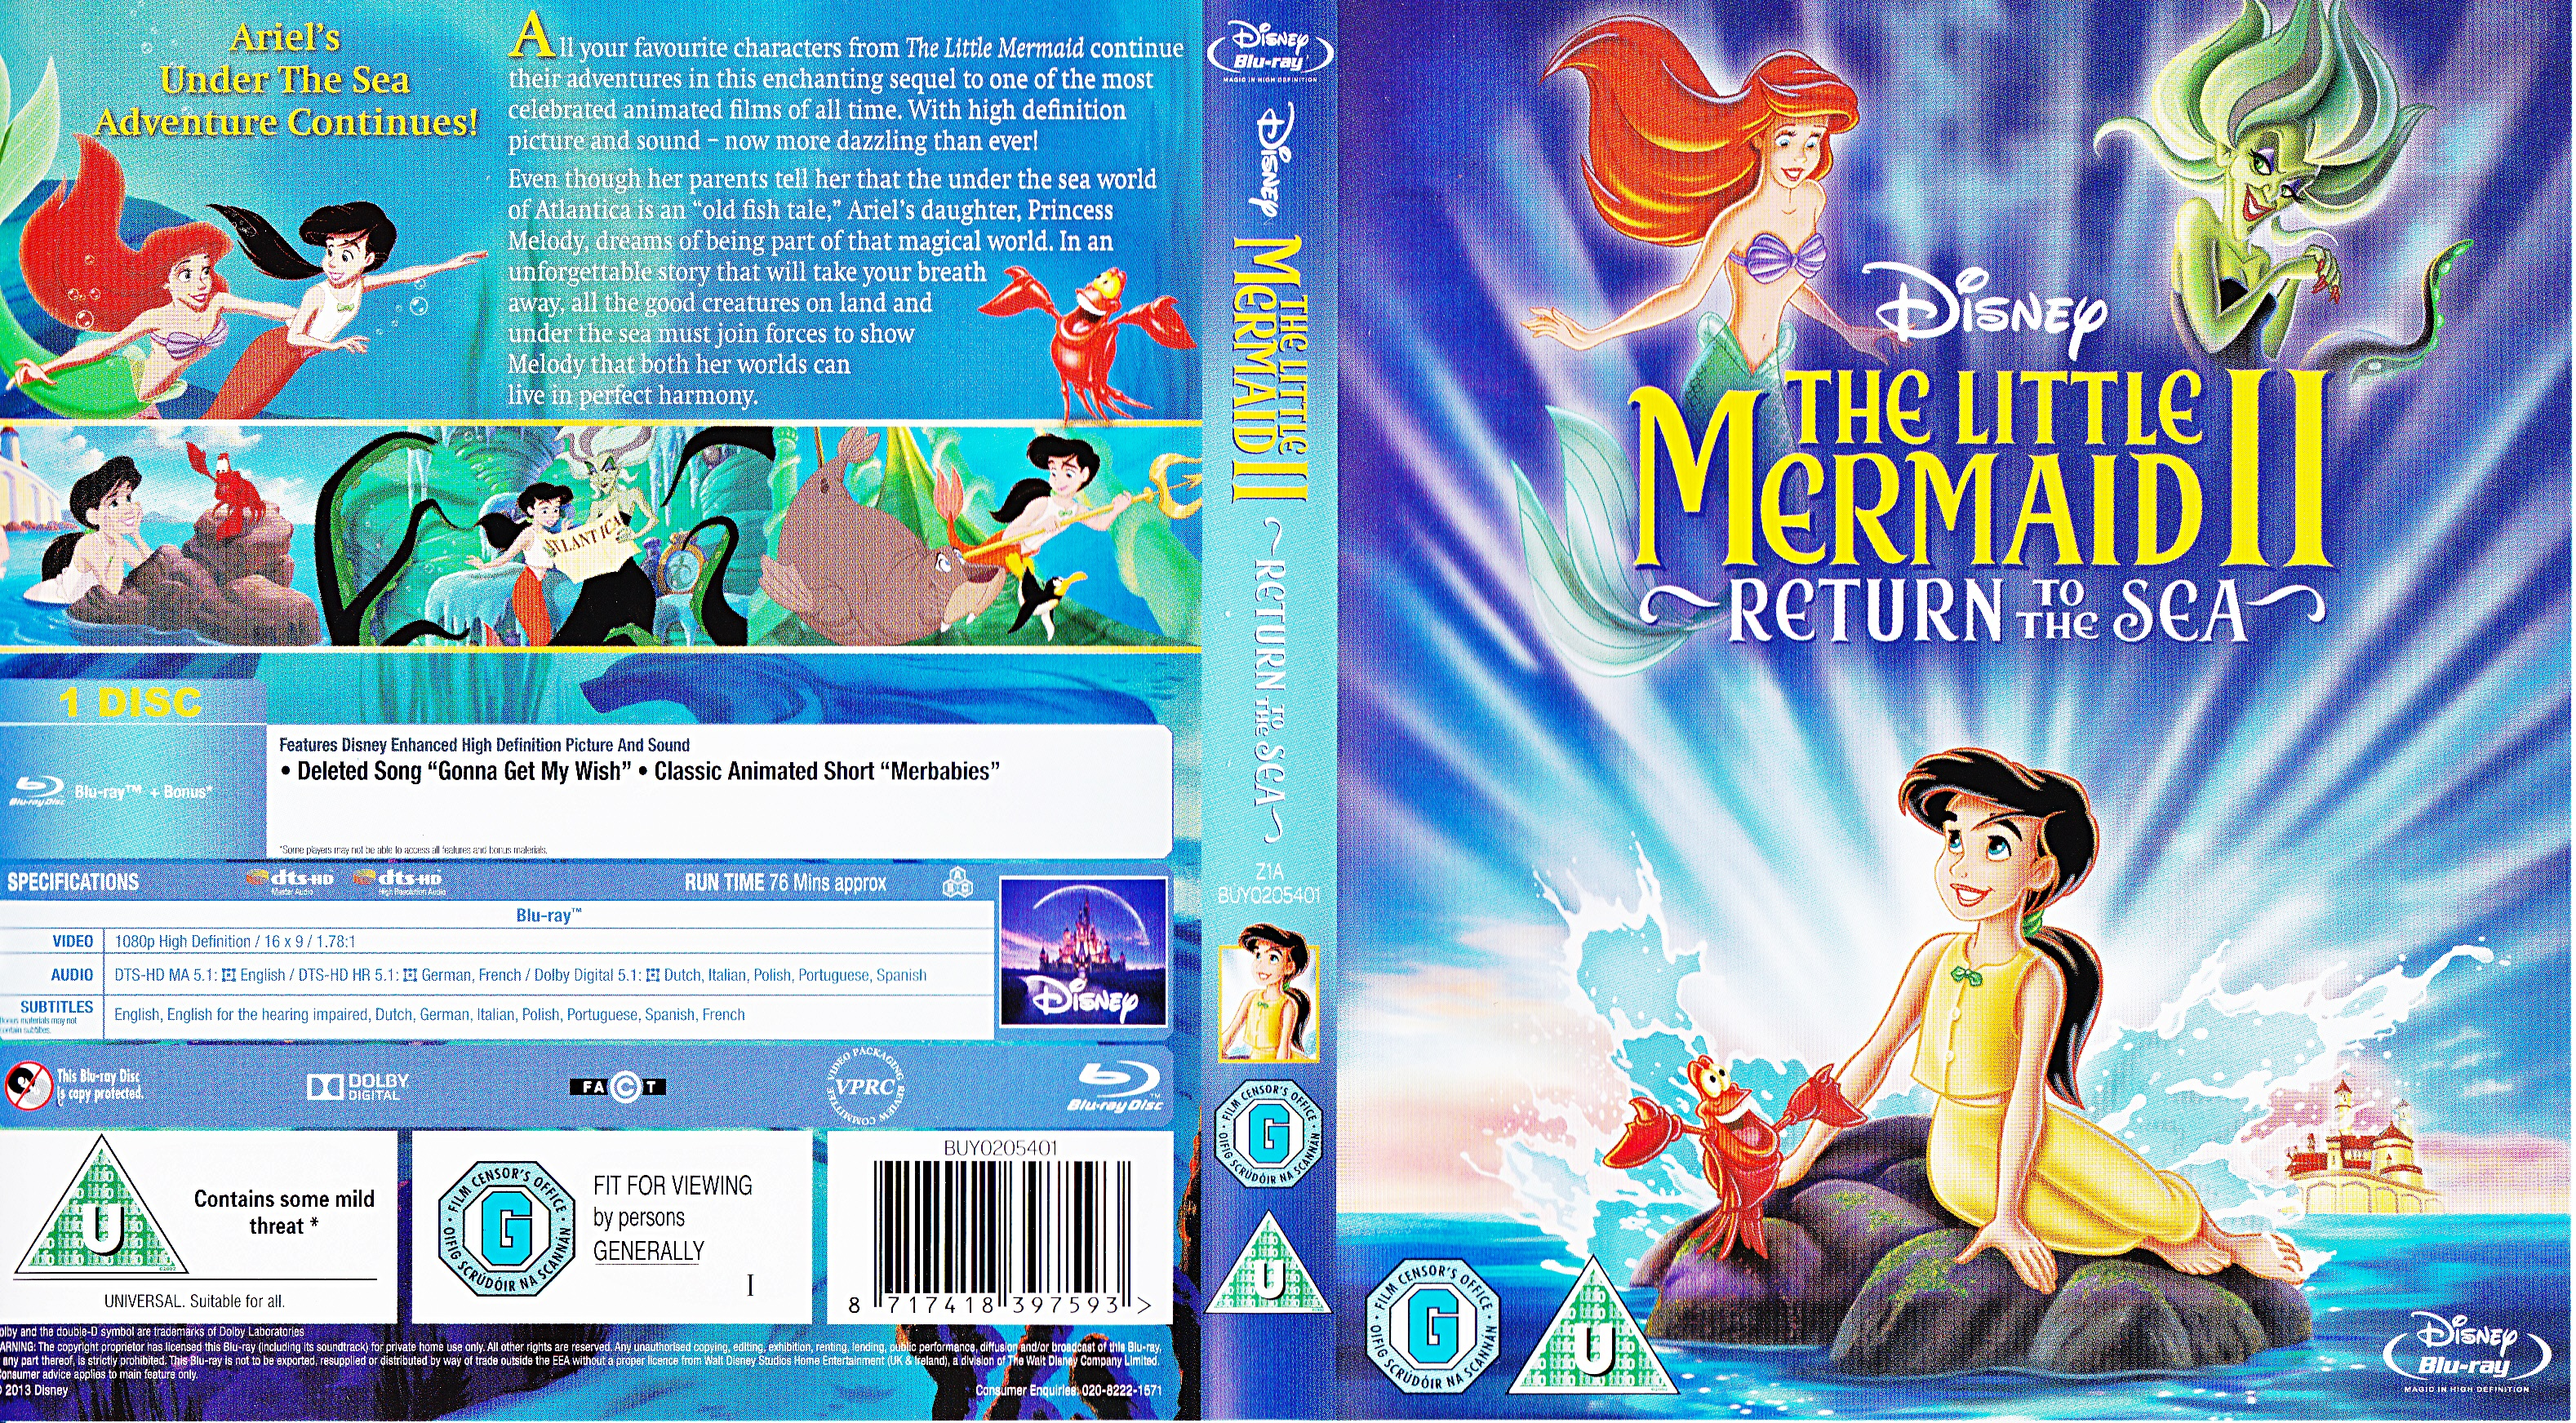 The Little Mermaid II: Return to the Sea - UK Blu-Ray Disc Cover Art